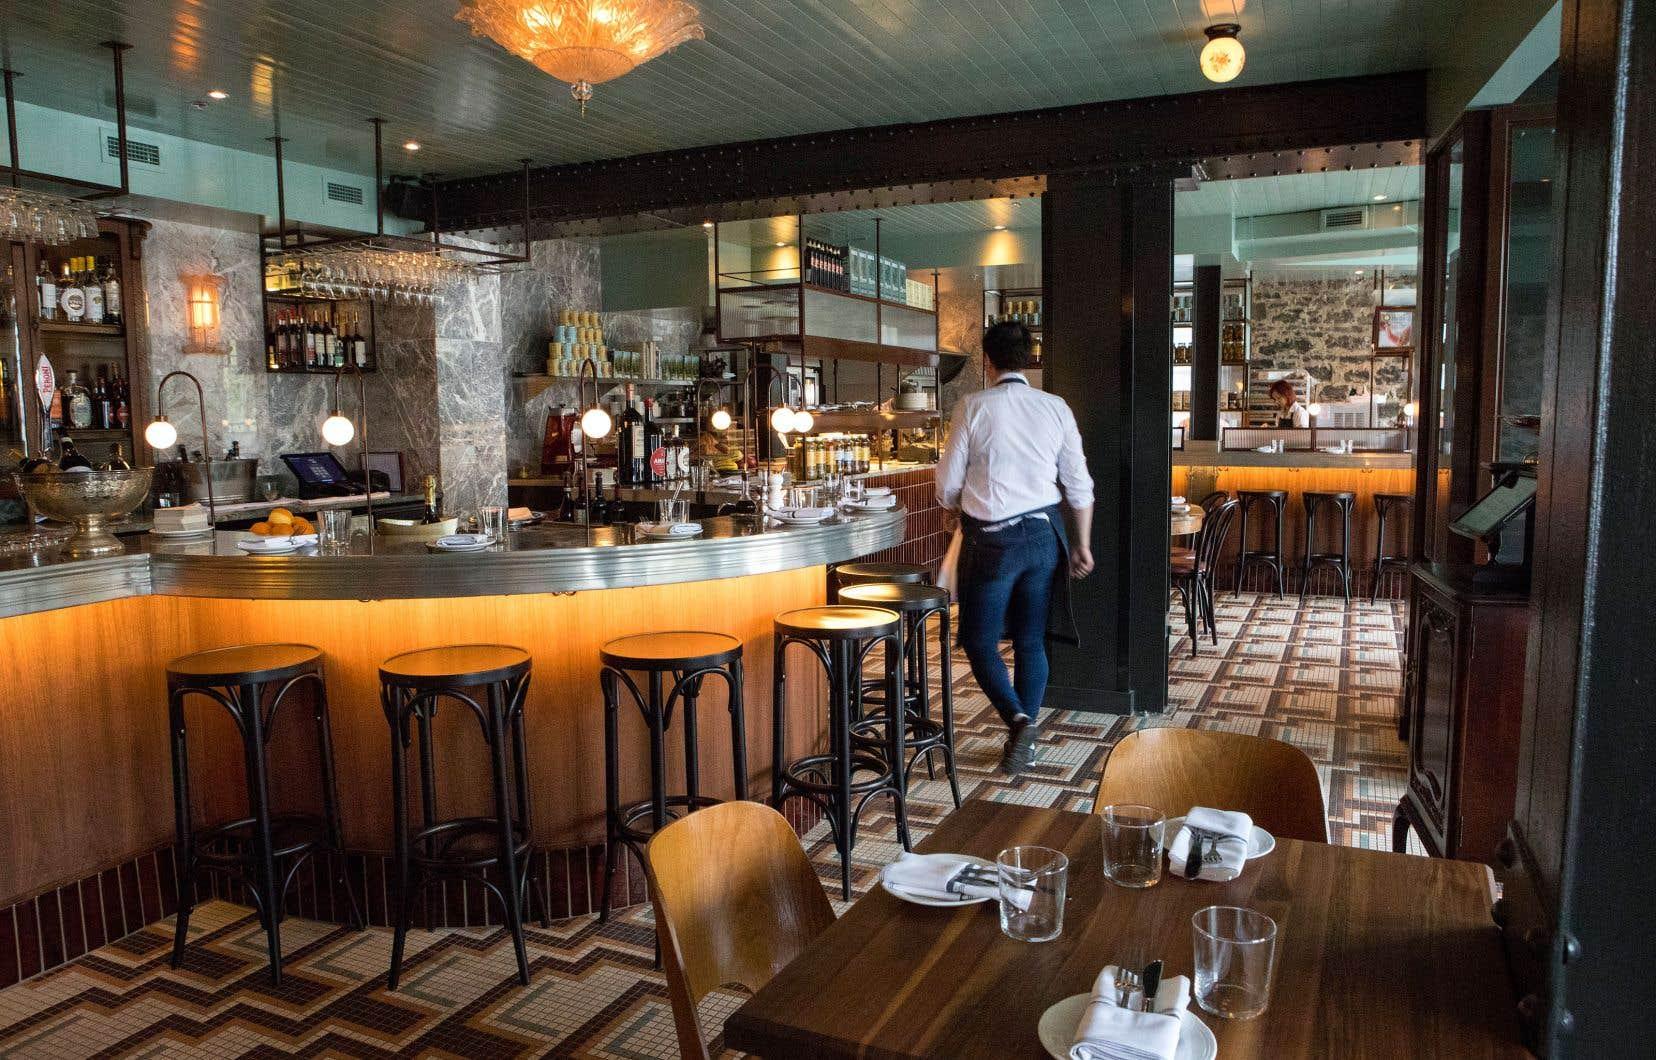 Un très joli endroit que ce Un Po' di Più: décor soigné, service chaleureux et propositions de restauration invitantes.